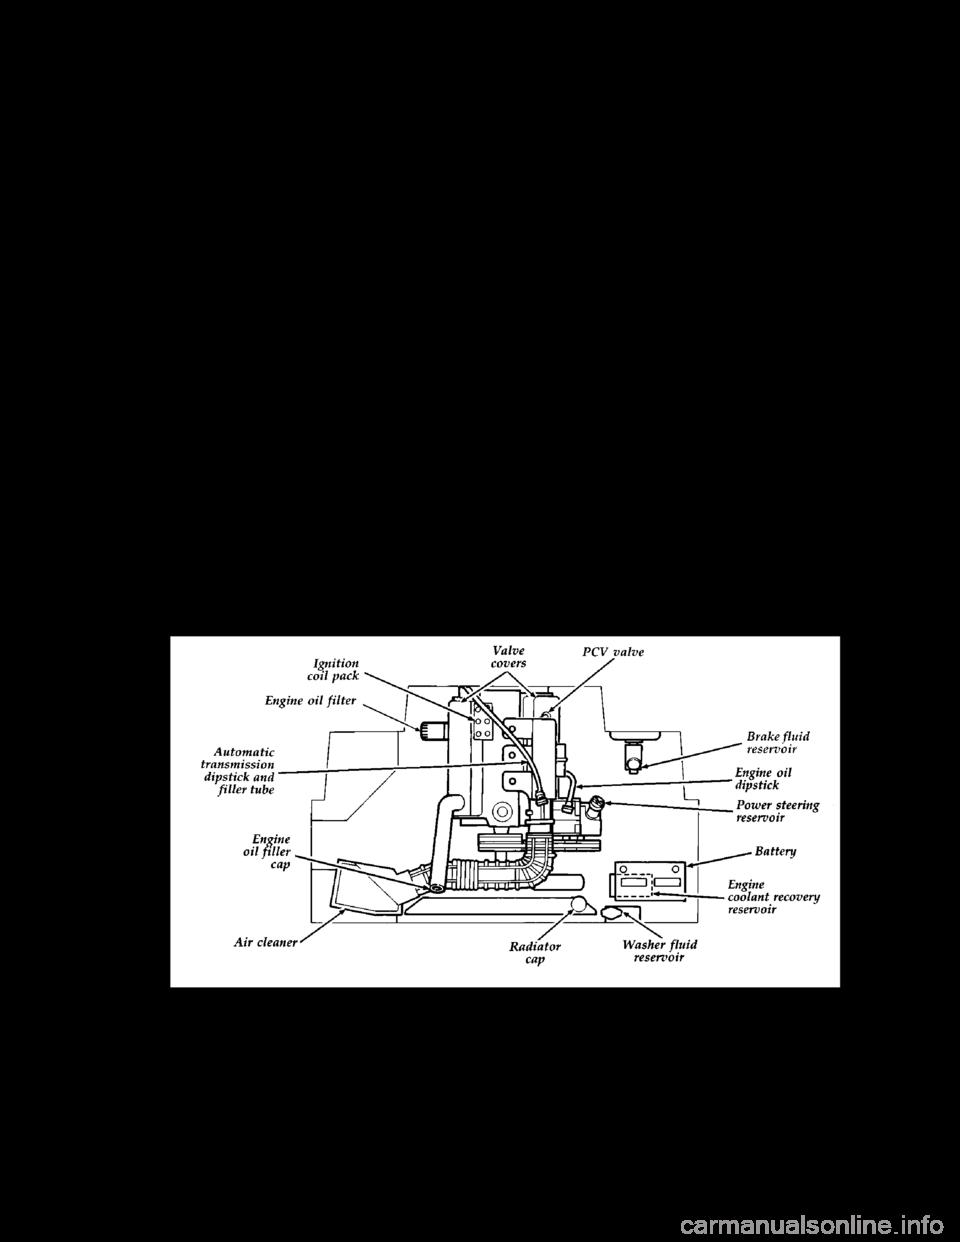 Ford Aerostar 1997 1g Owners Manual 4 0l Engine Diagram